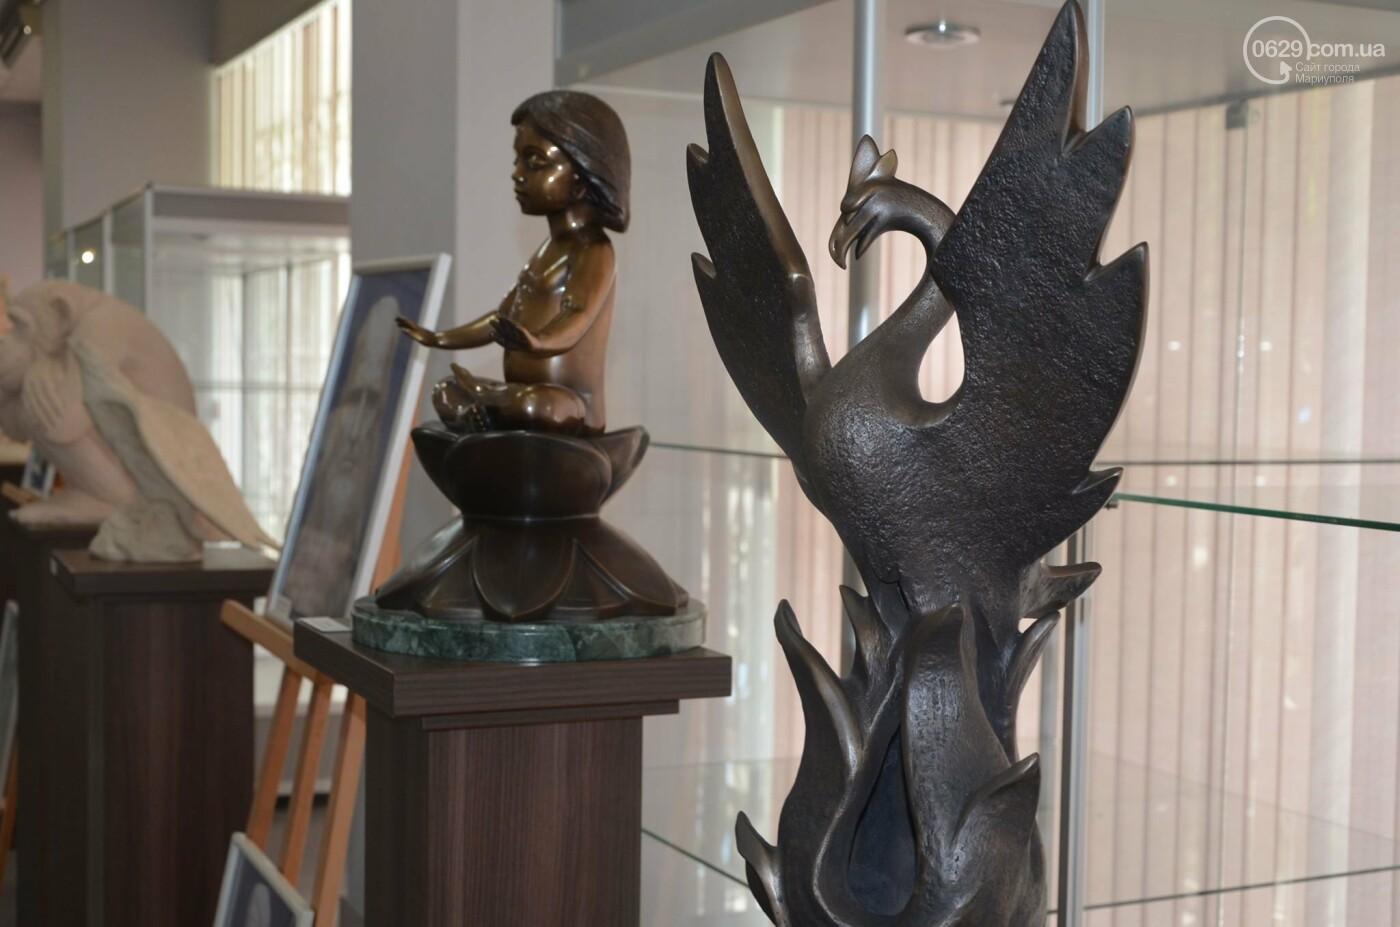 В Мариуполь привезли скульптуры, застрахованные на 4 - 6 тысяч евро каждая, - ФОТО, фото-5